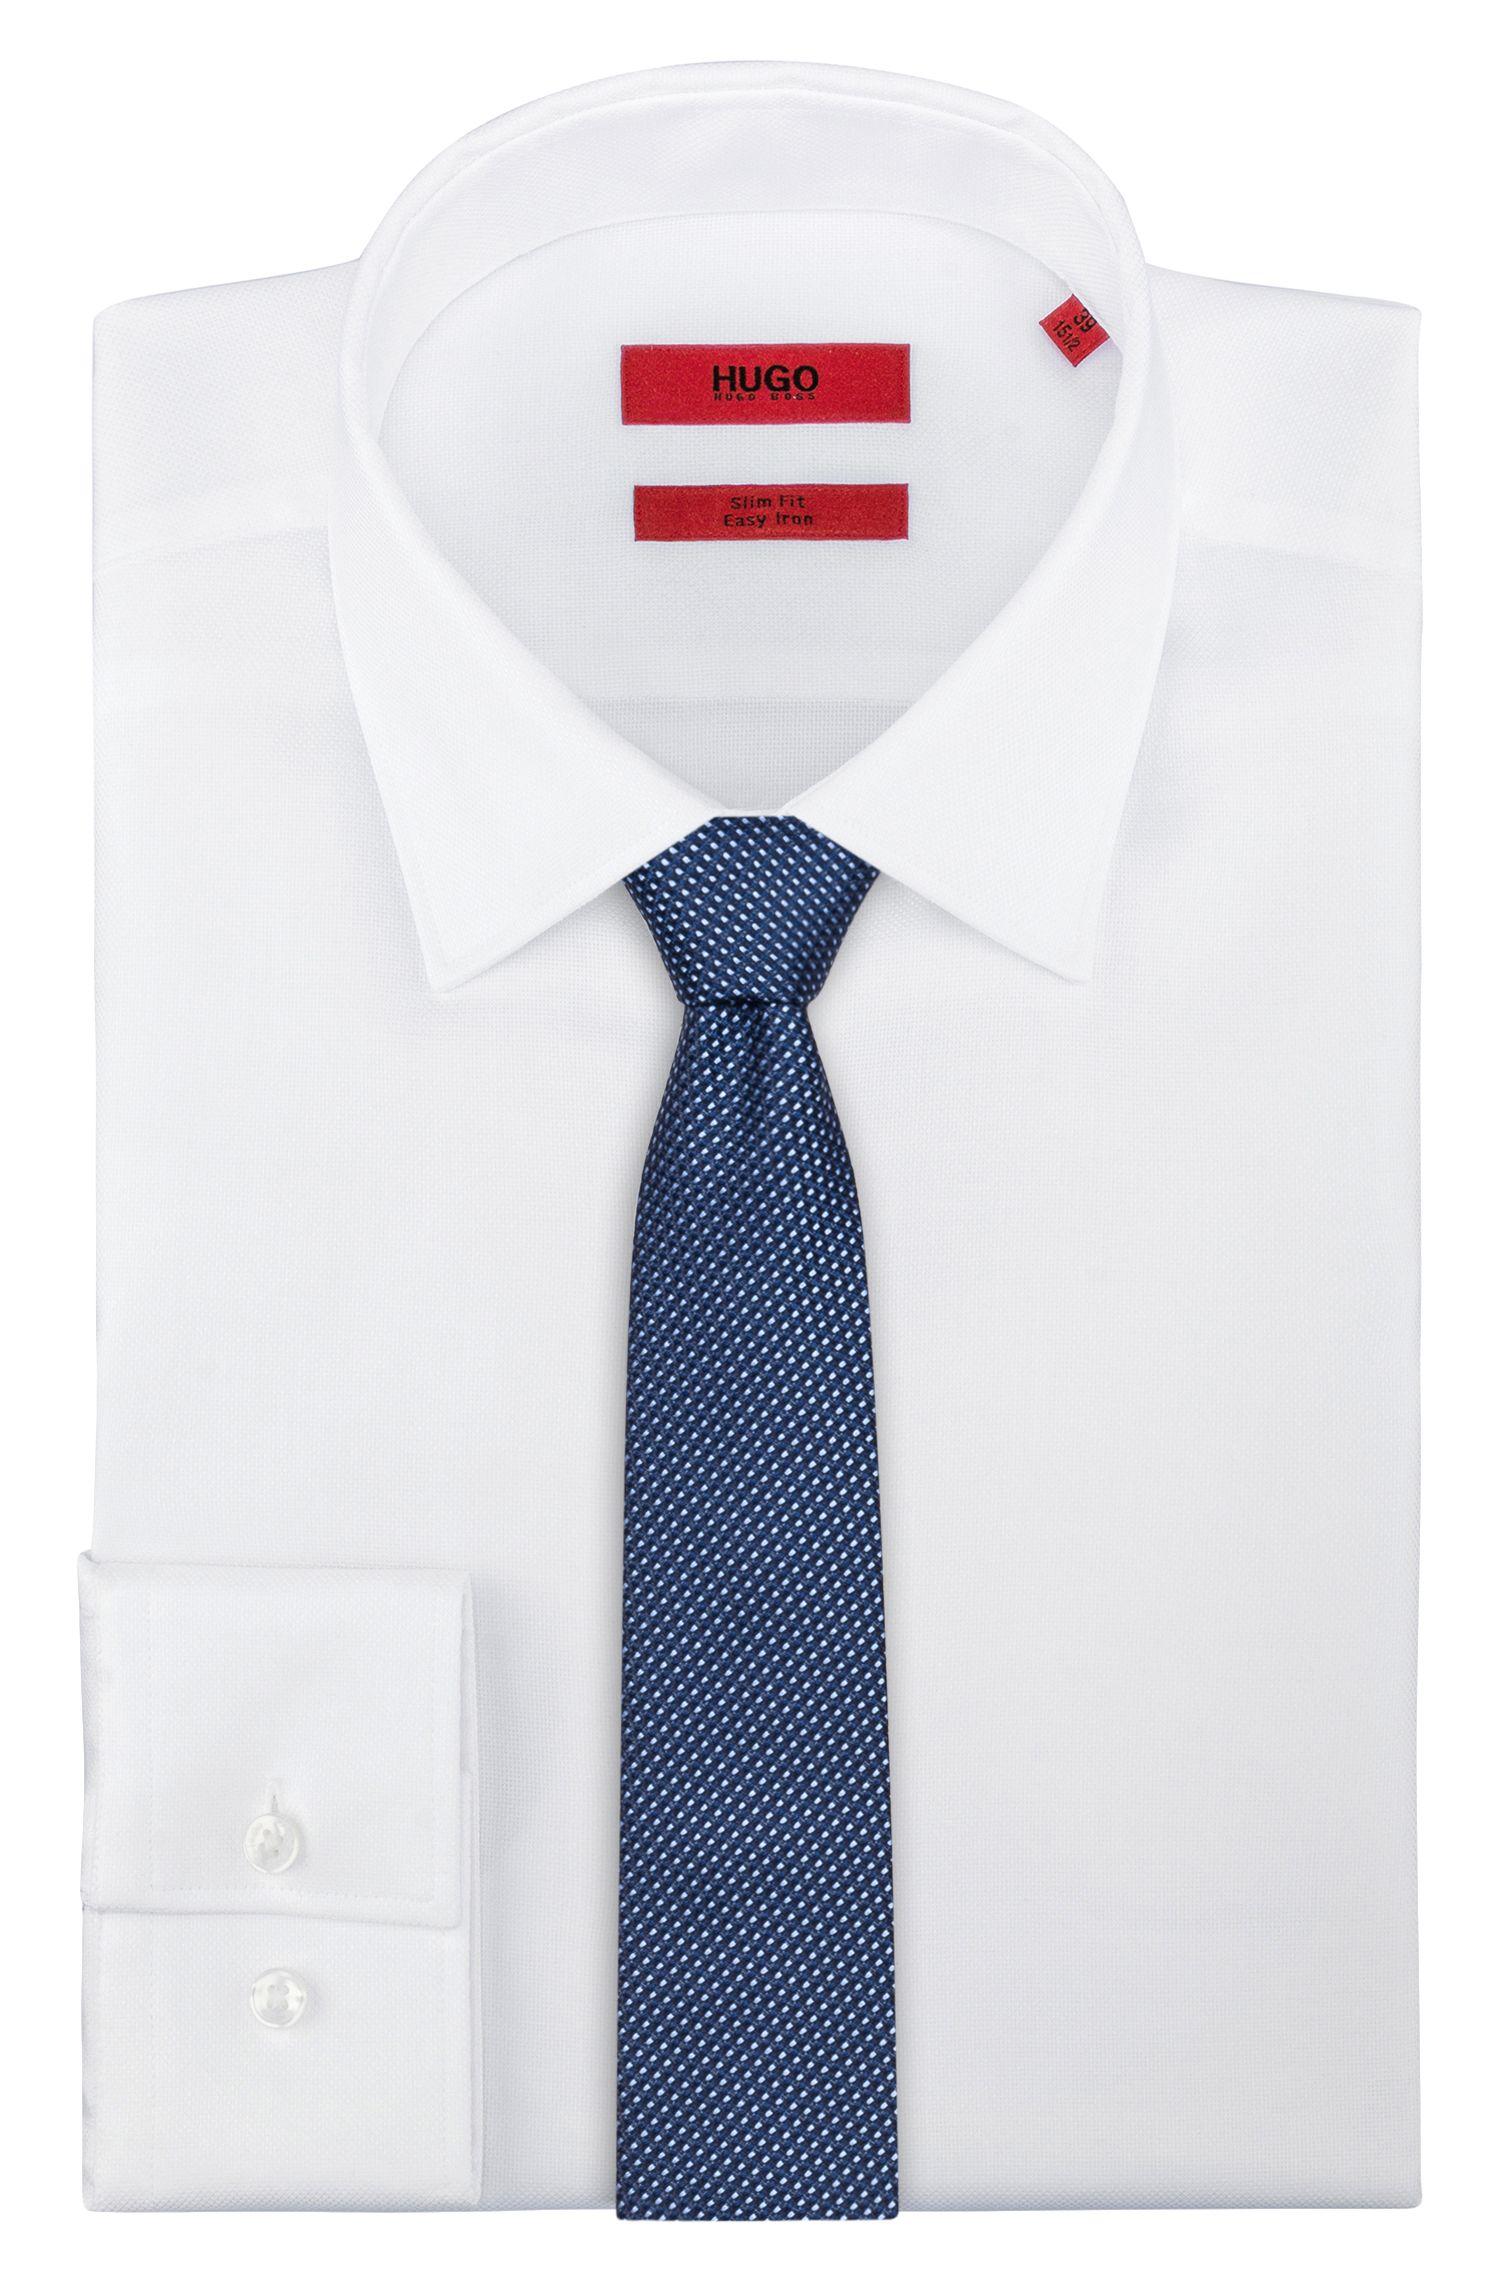 Cravatta in seta con microdisegno jacquard, Blu scuro